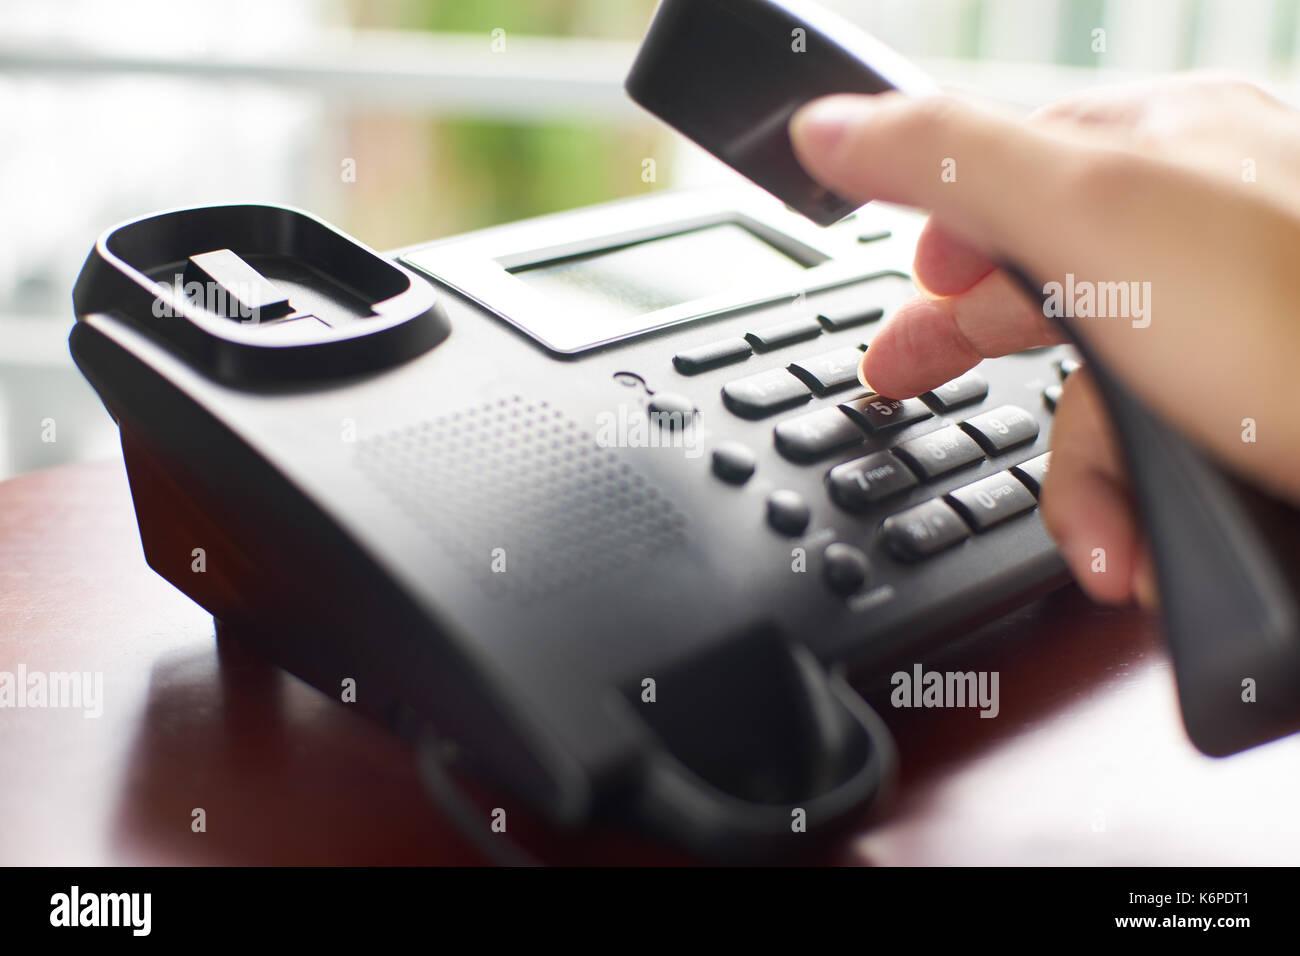 Marcación telefónica ,contacto y concepto de servicio al cliente . Foco seleccionado . Imagen De Stock